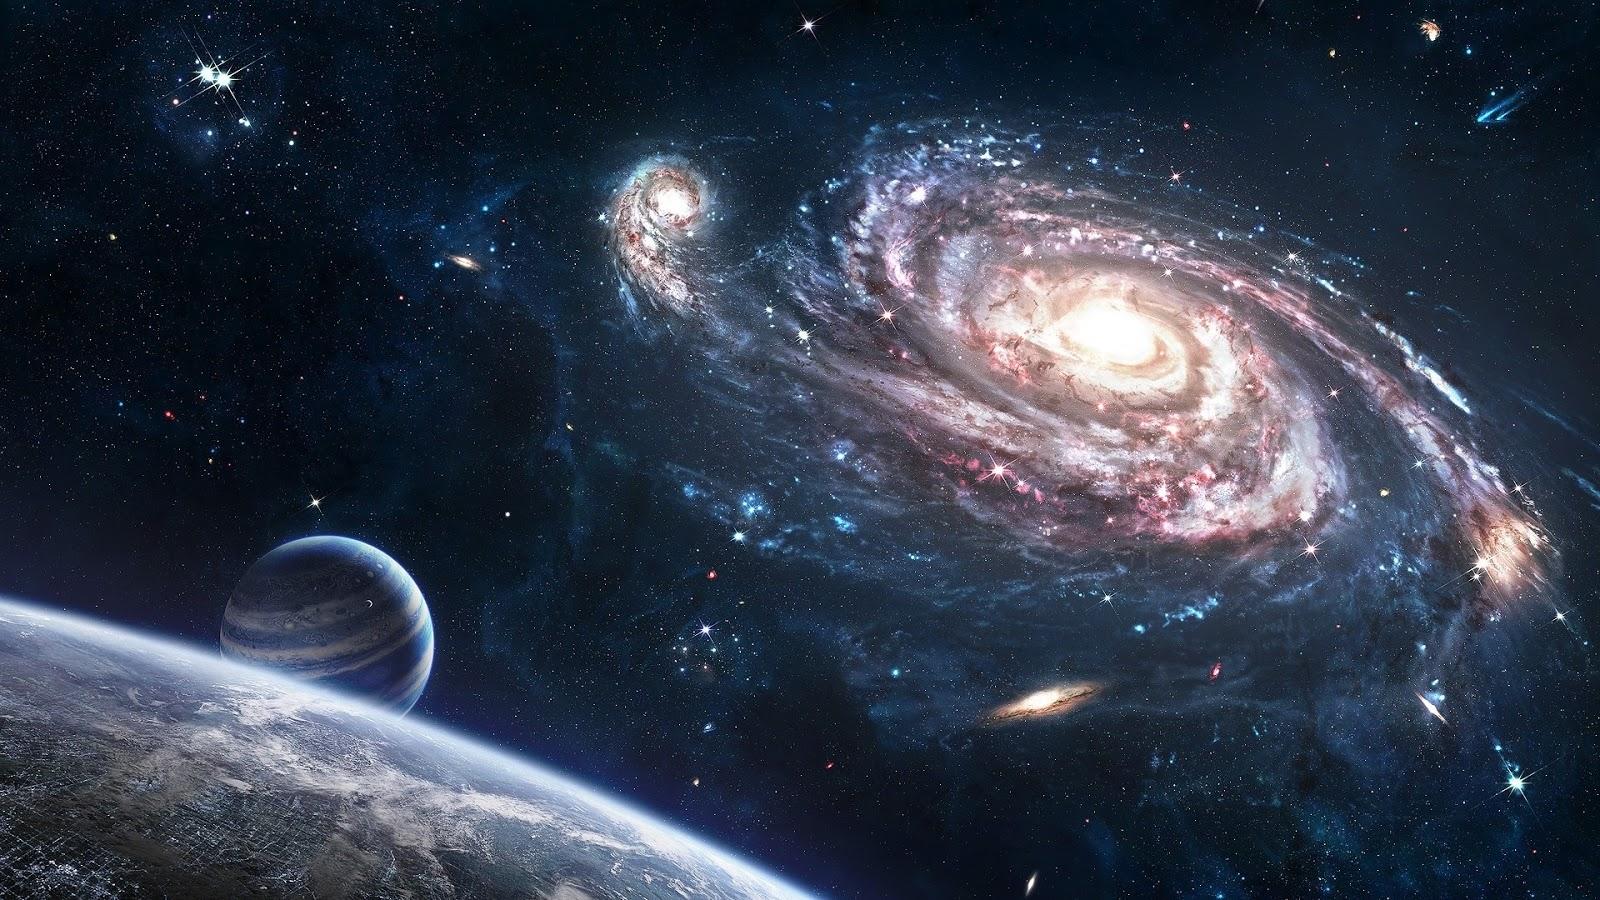 http://4.bp.blogspot.com/-KthoqCAwBP0/UNAoO8bfwKI/AAAAAAAAKKk/9TzGZN2JmLg/s1600/cosmos-galaxies-stars.jpg